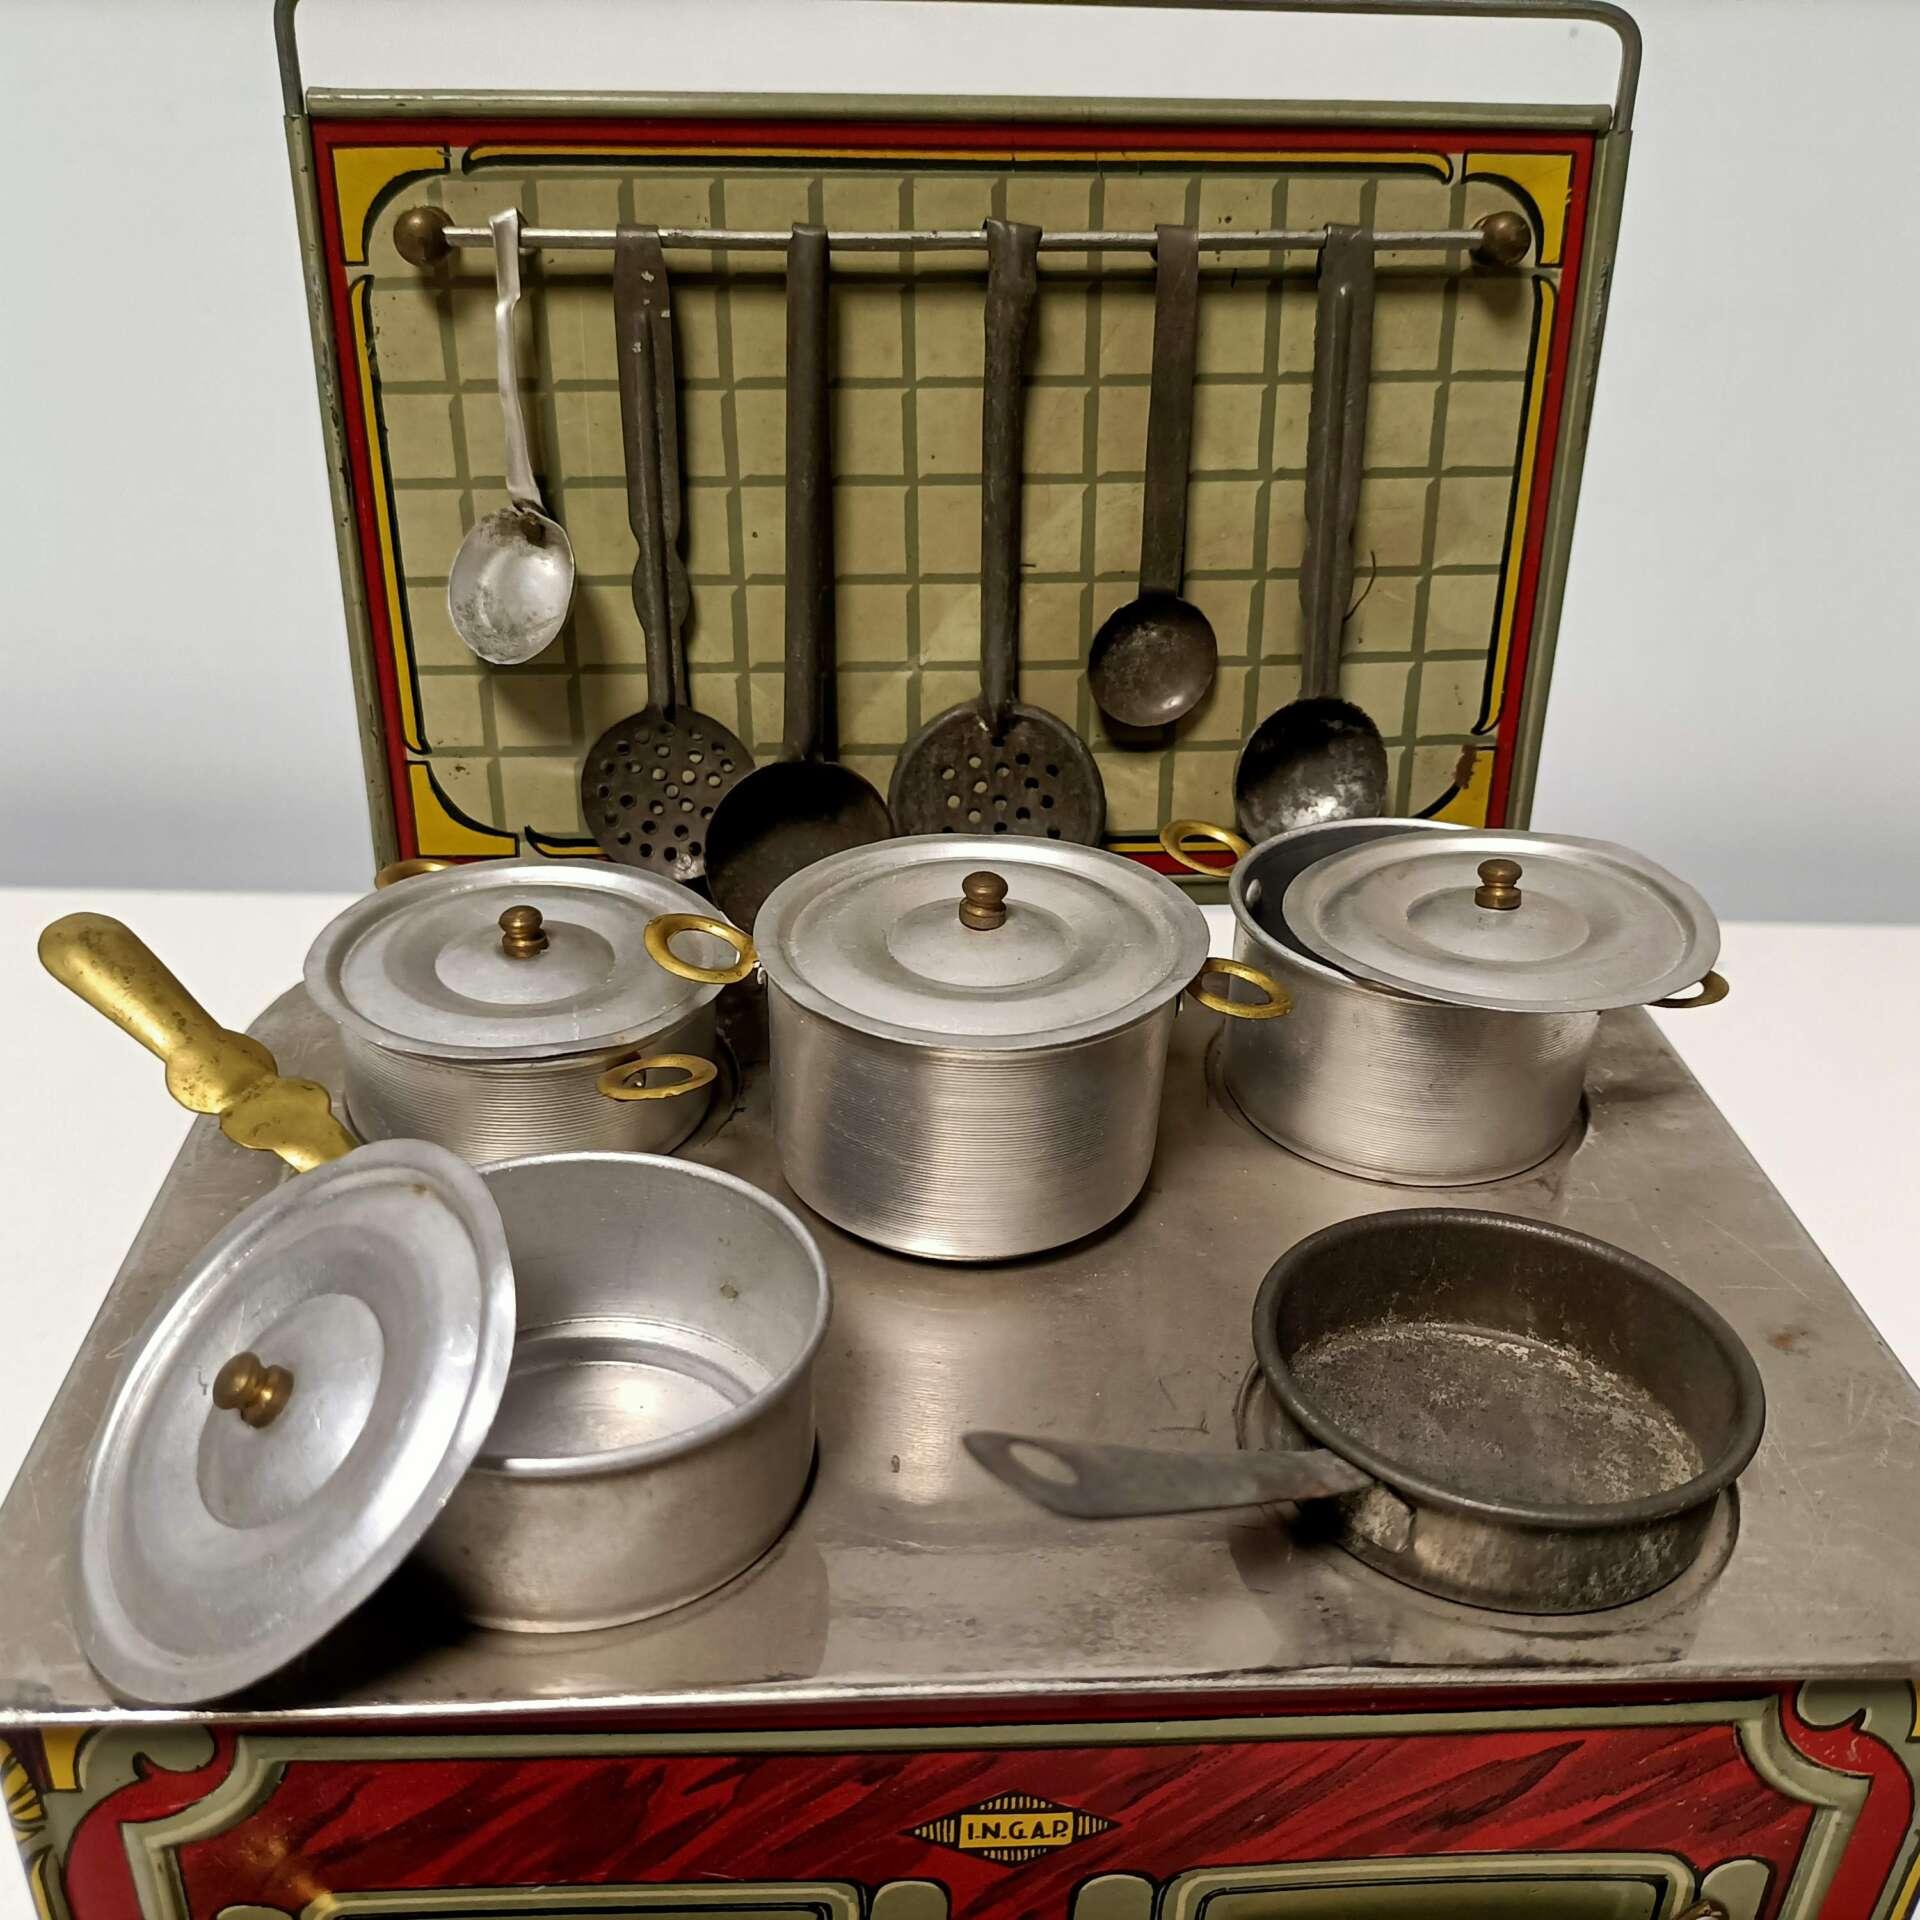 cucina giocattolo vintage